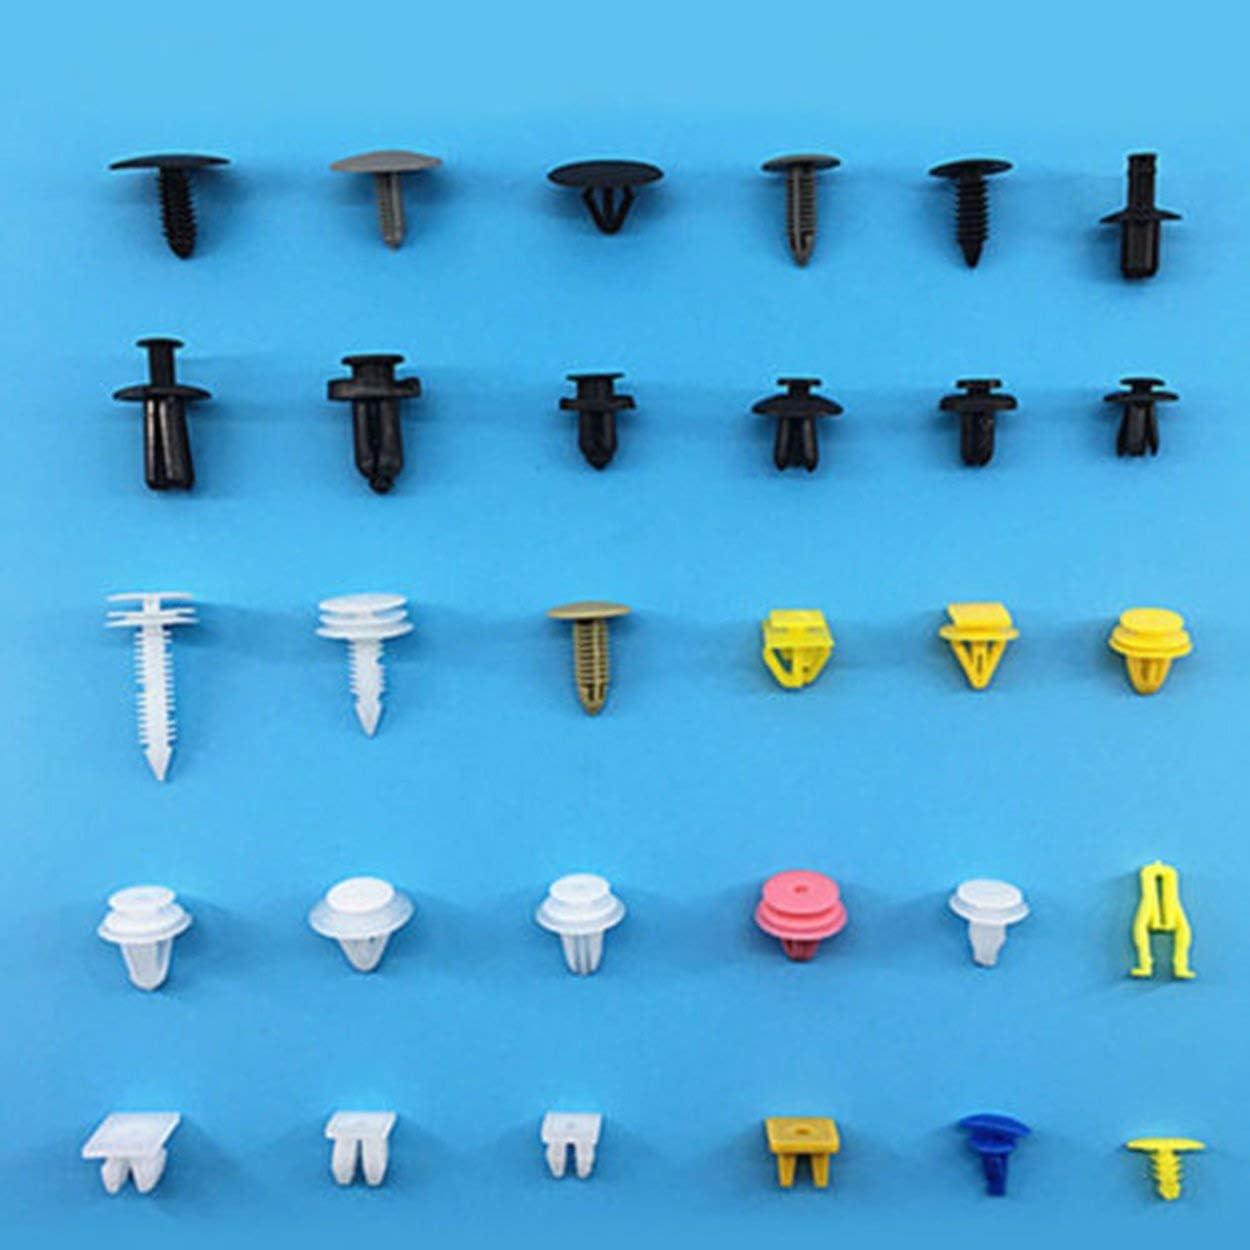 Lorenlli Clips de Moulage de Garniture de carrosserie Automatique Universelle en Plastique Broche de retenue de pouss/ée Rivet Attaches Kit dassortiment de Clips de retenue de Panneau